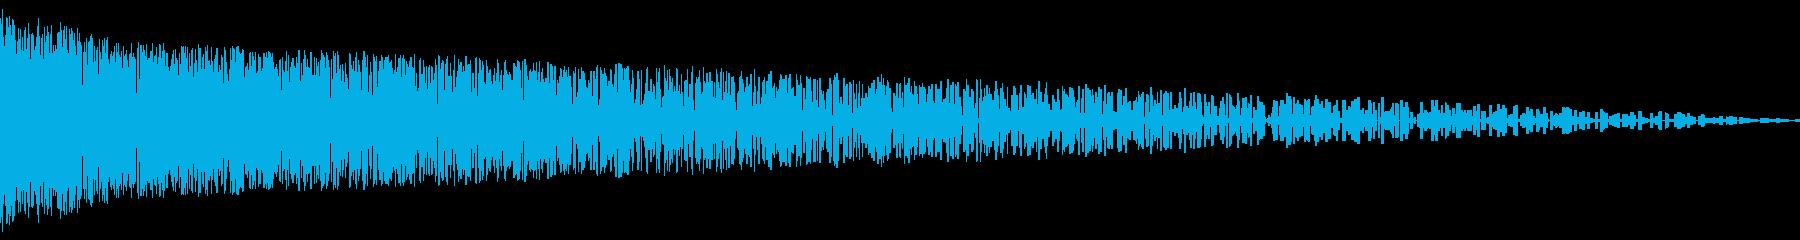 バシュン!(ショット/攻撃/NES/GBの再生済みの波形